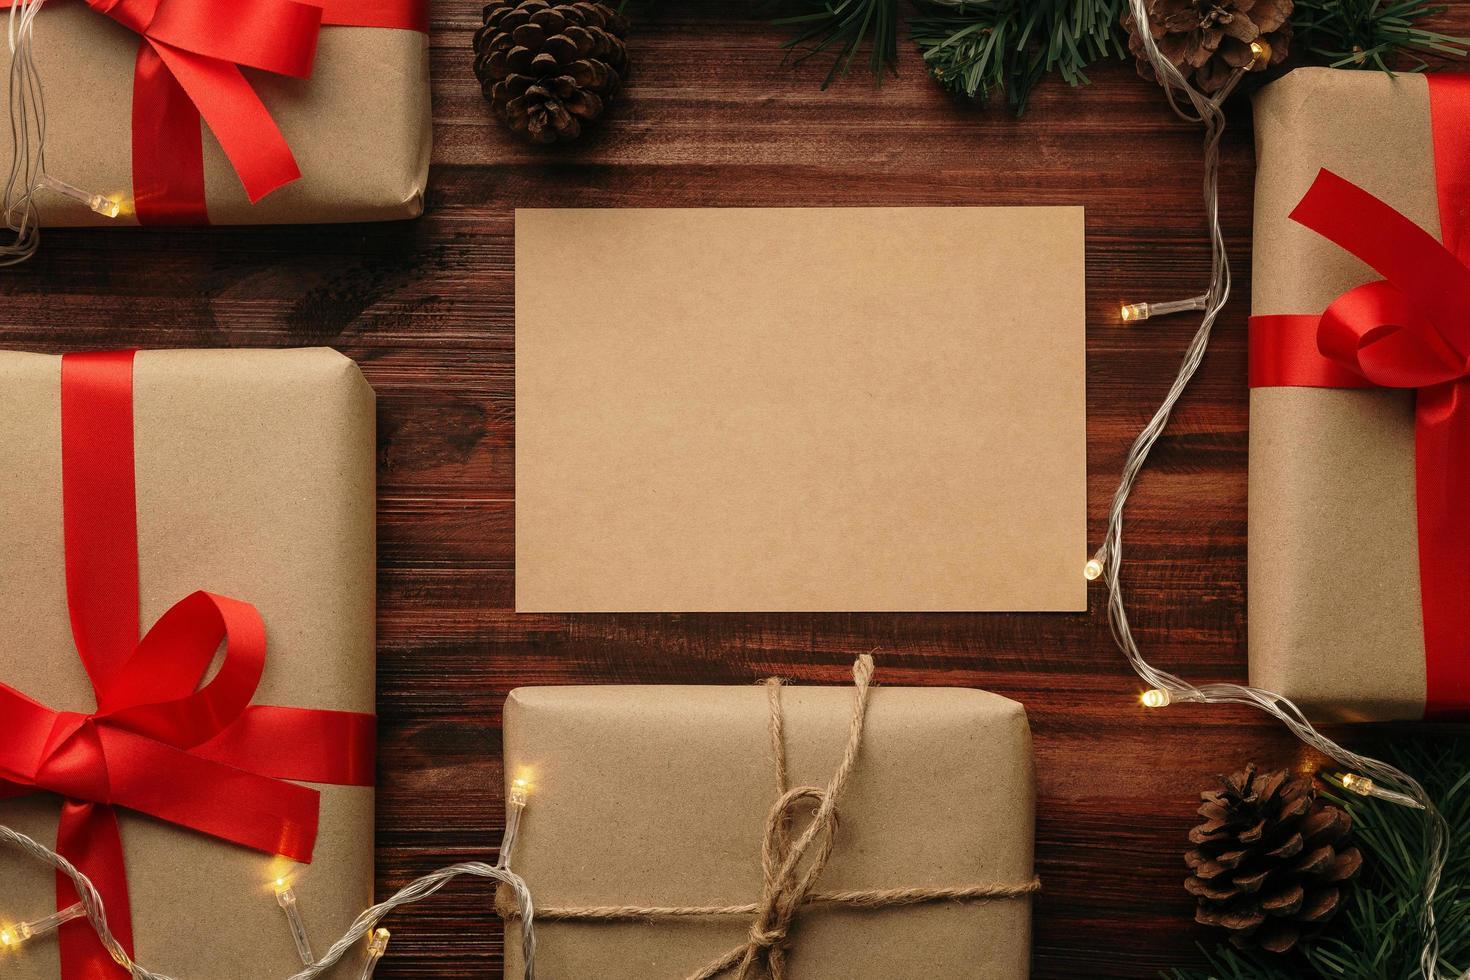 Modelo de maquete de cartão de feliz Natal com decorações para presente de Natal foto